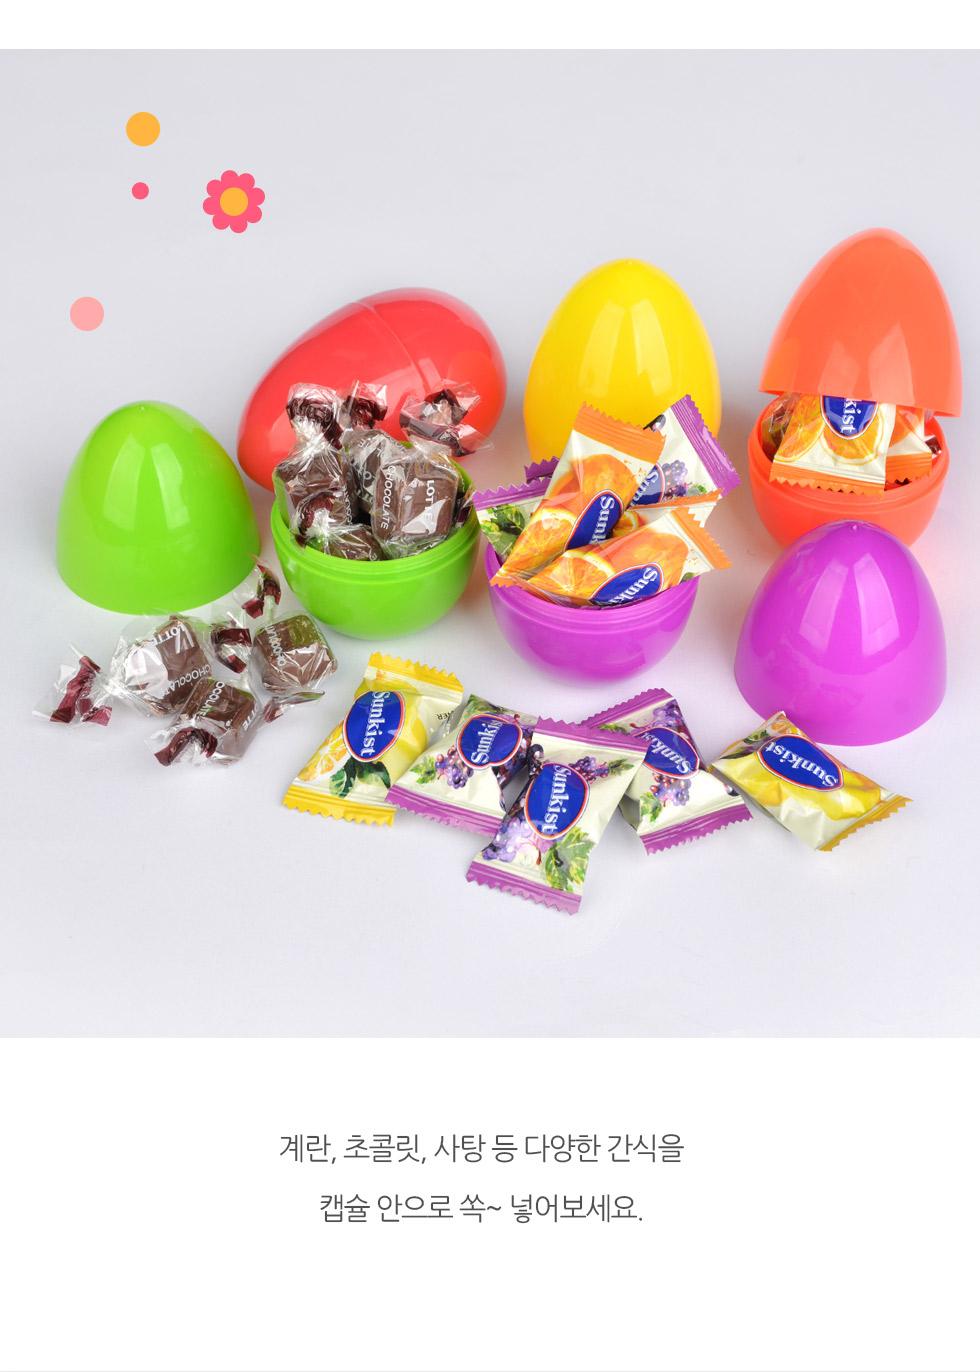 또 초콜릿, 사탕 등 다양한 간식을 담을 수 있어요.